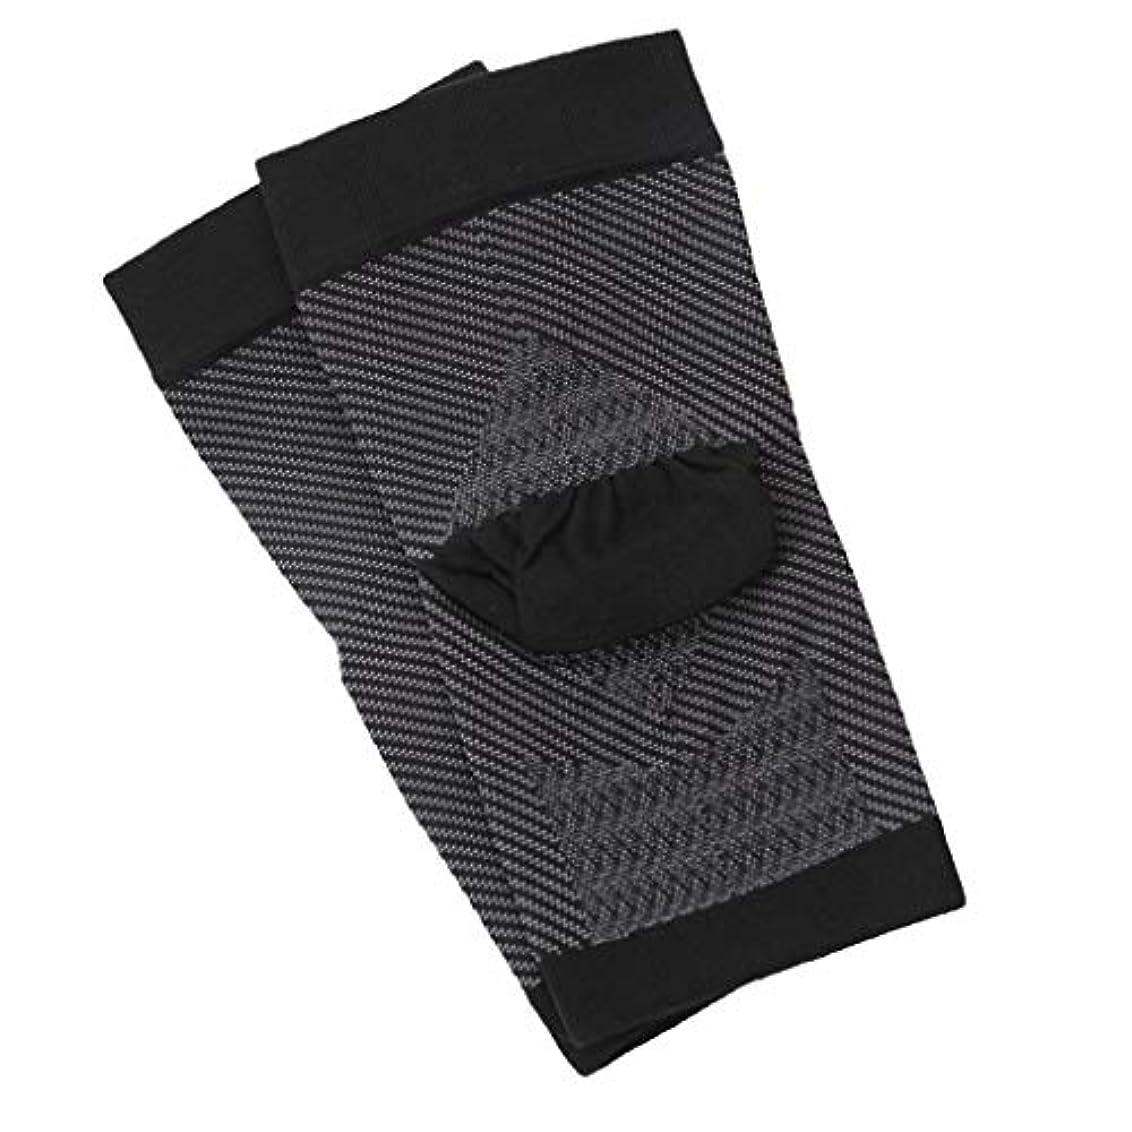 好きであるびっくりするトピックchiwanji 1ペア かかと 靴下 ソックス 角質ケア 保湿 美容 洗える 男女兼用 全2種類 - S-M